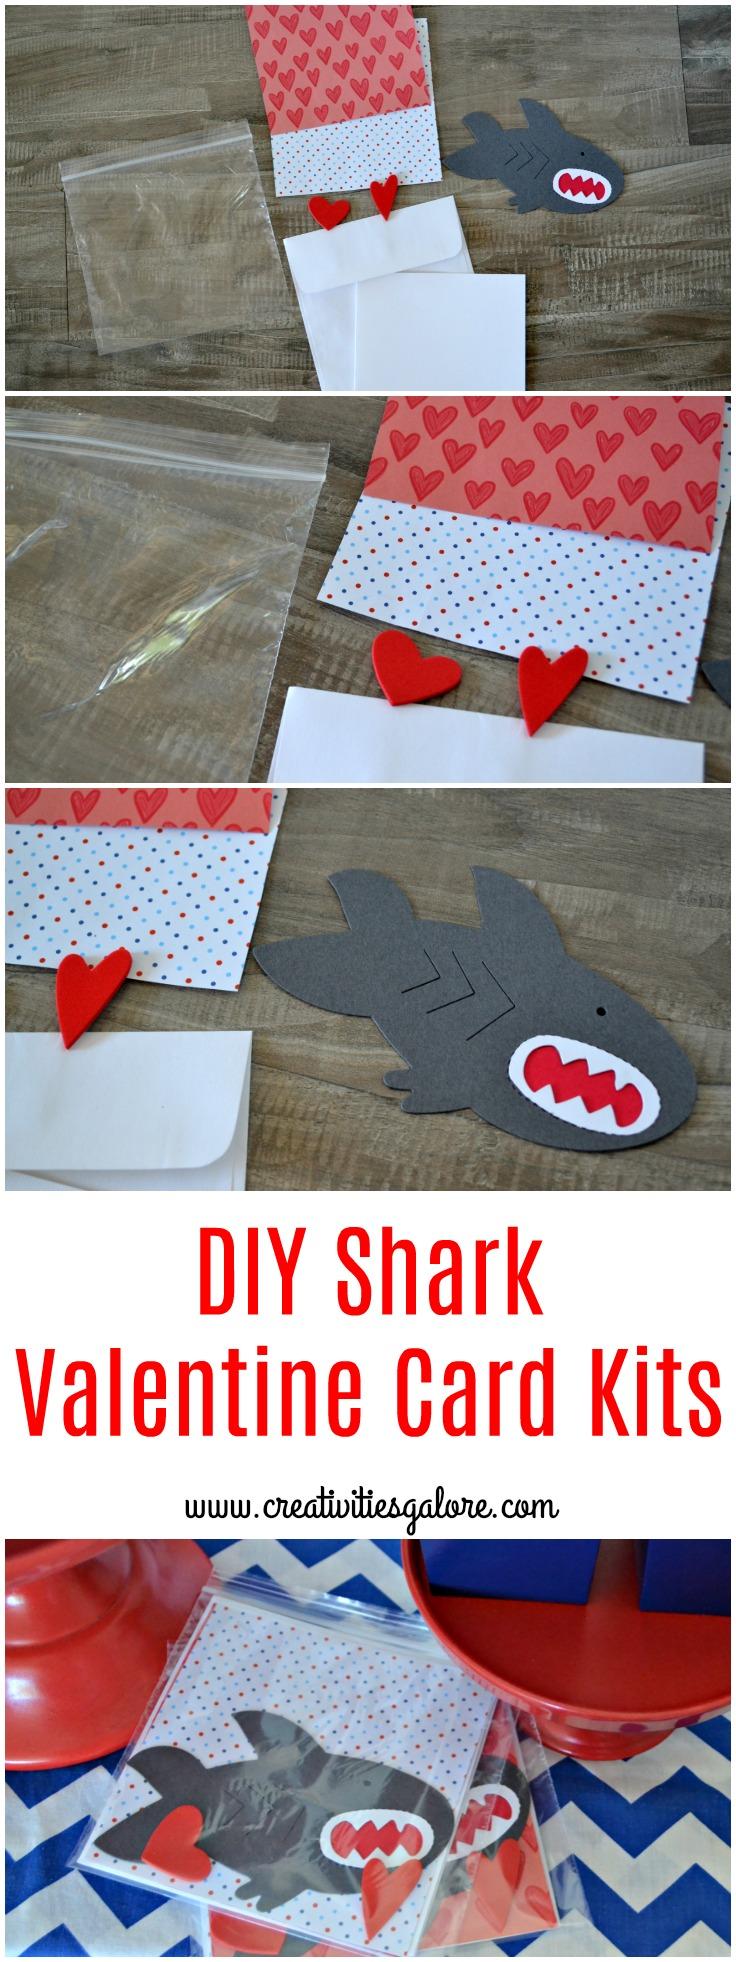 DIY Shark Valentine Card Kits